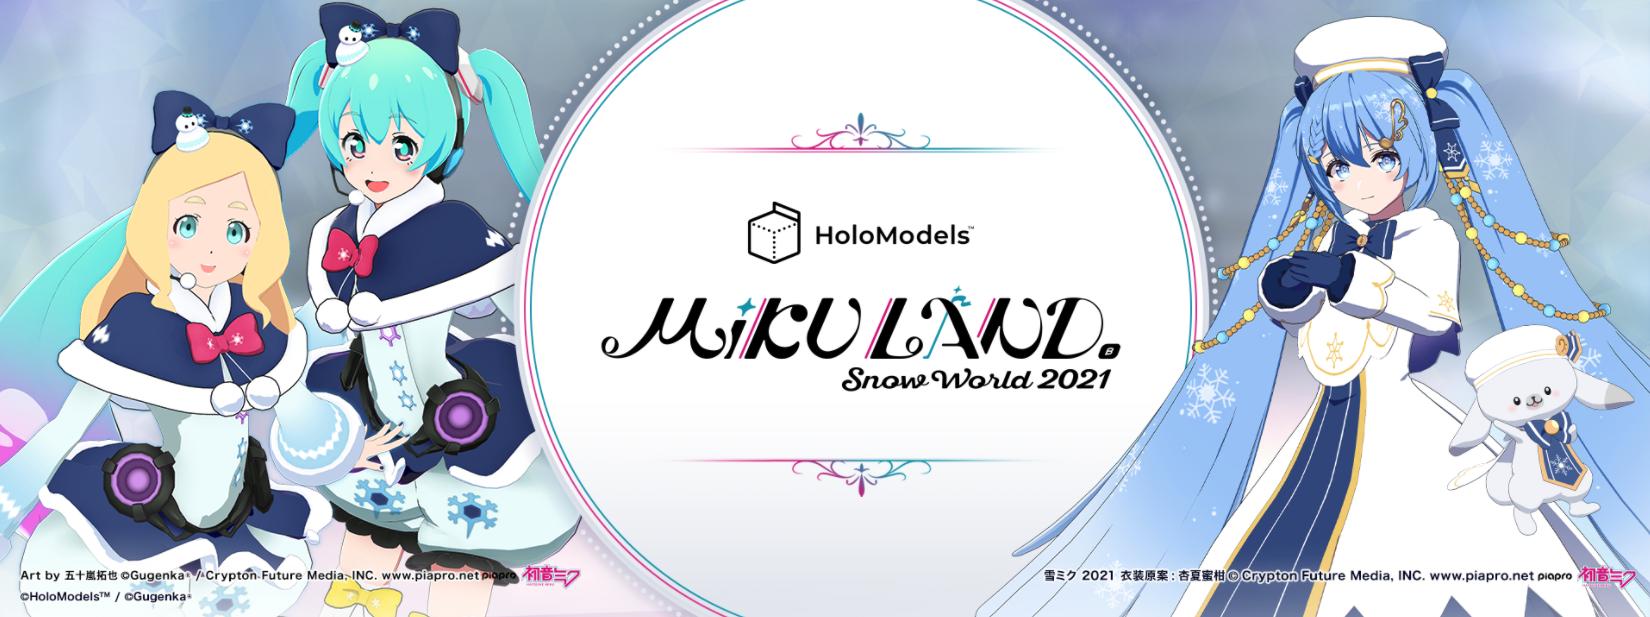 初音ミク・東雲めぐのAR/VR対応デジタルフィギュア発売!「MIKU LAND β Snow World 2021」開催記念